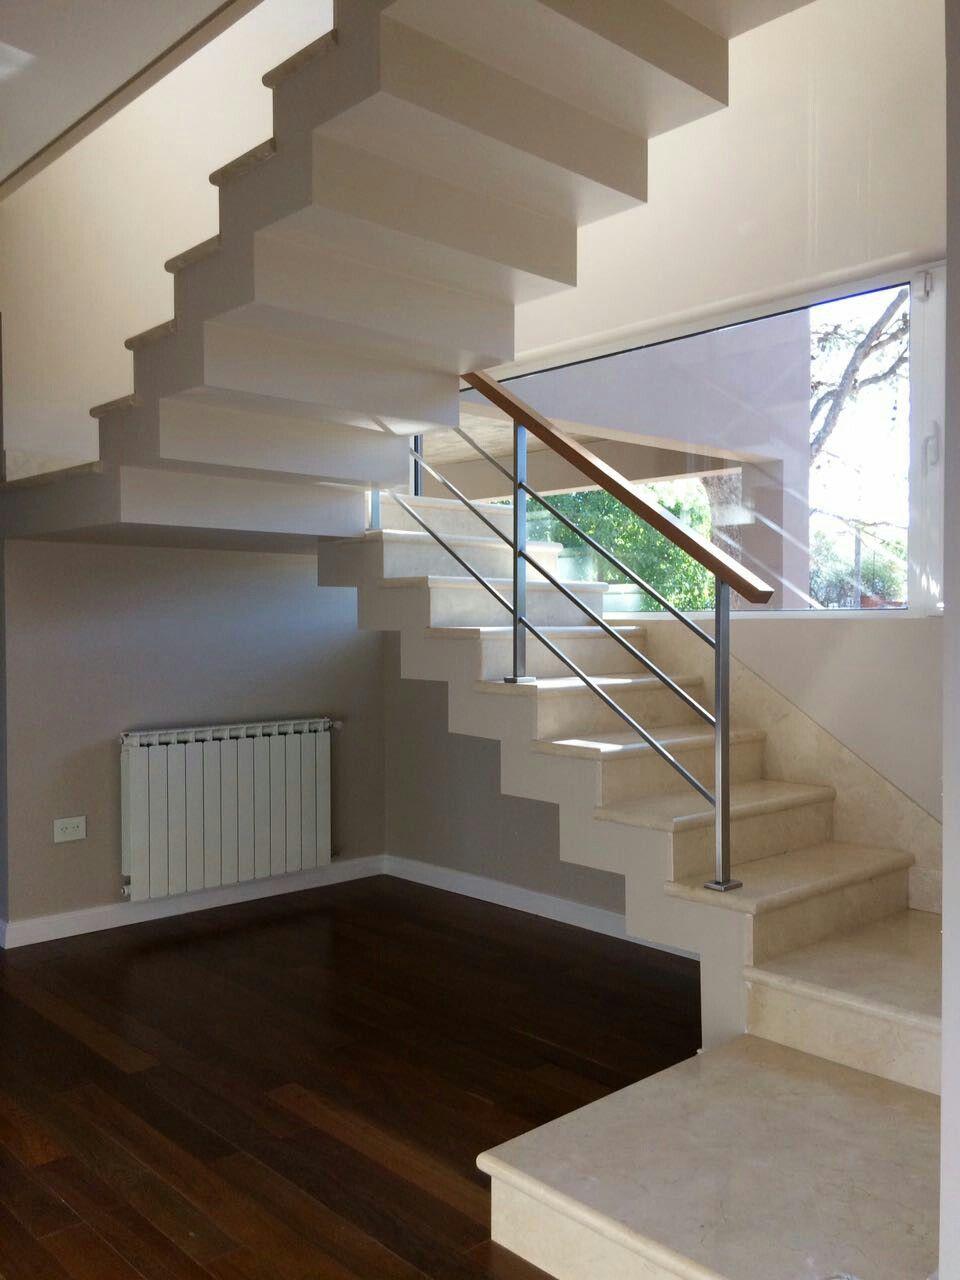 Escalera en marmol crema marfil escaleras pinterest - Escaleras interiores casas ...